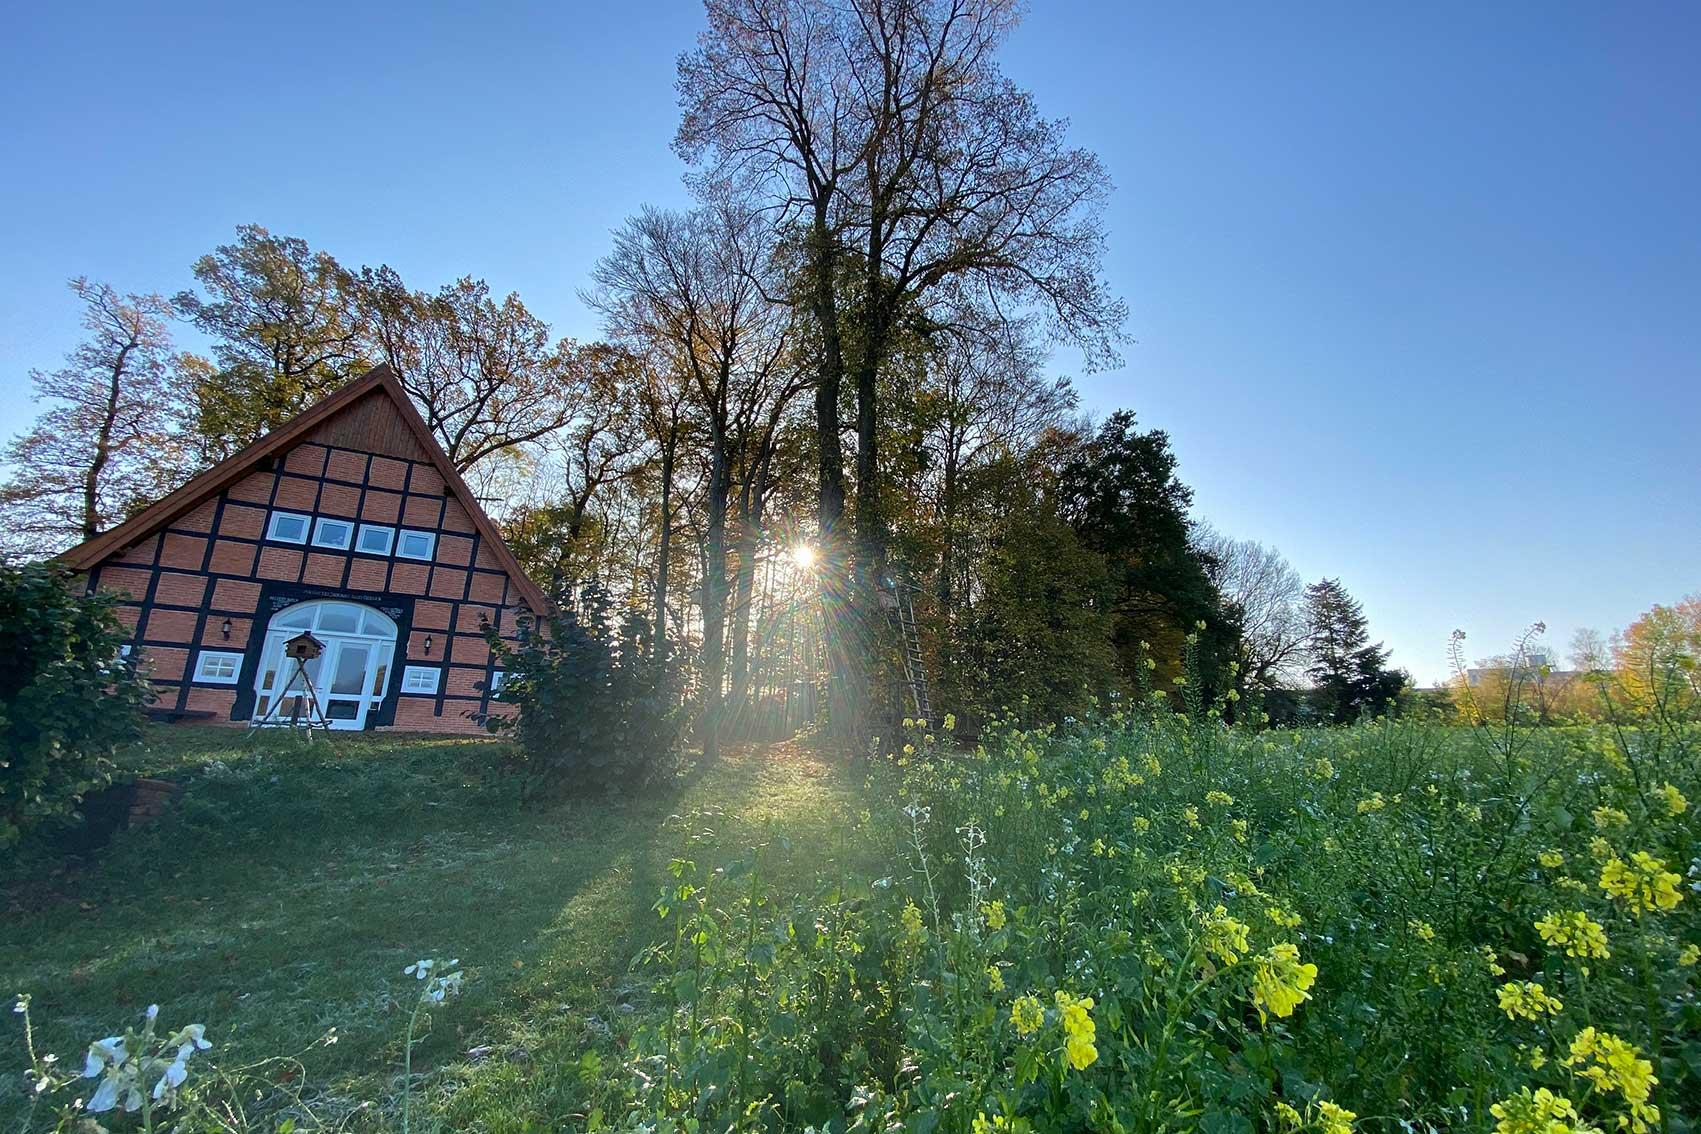 jagdschule-weiss-osnabrueck7